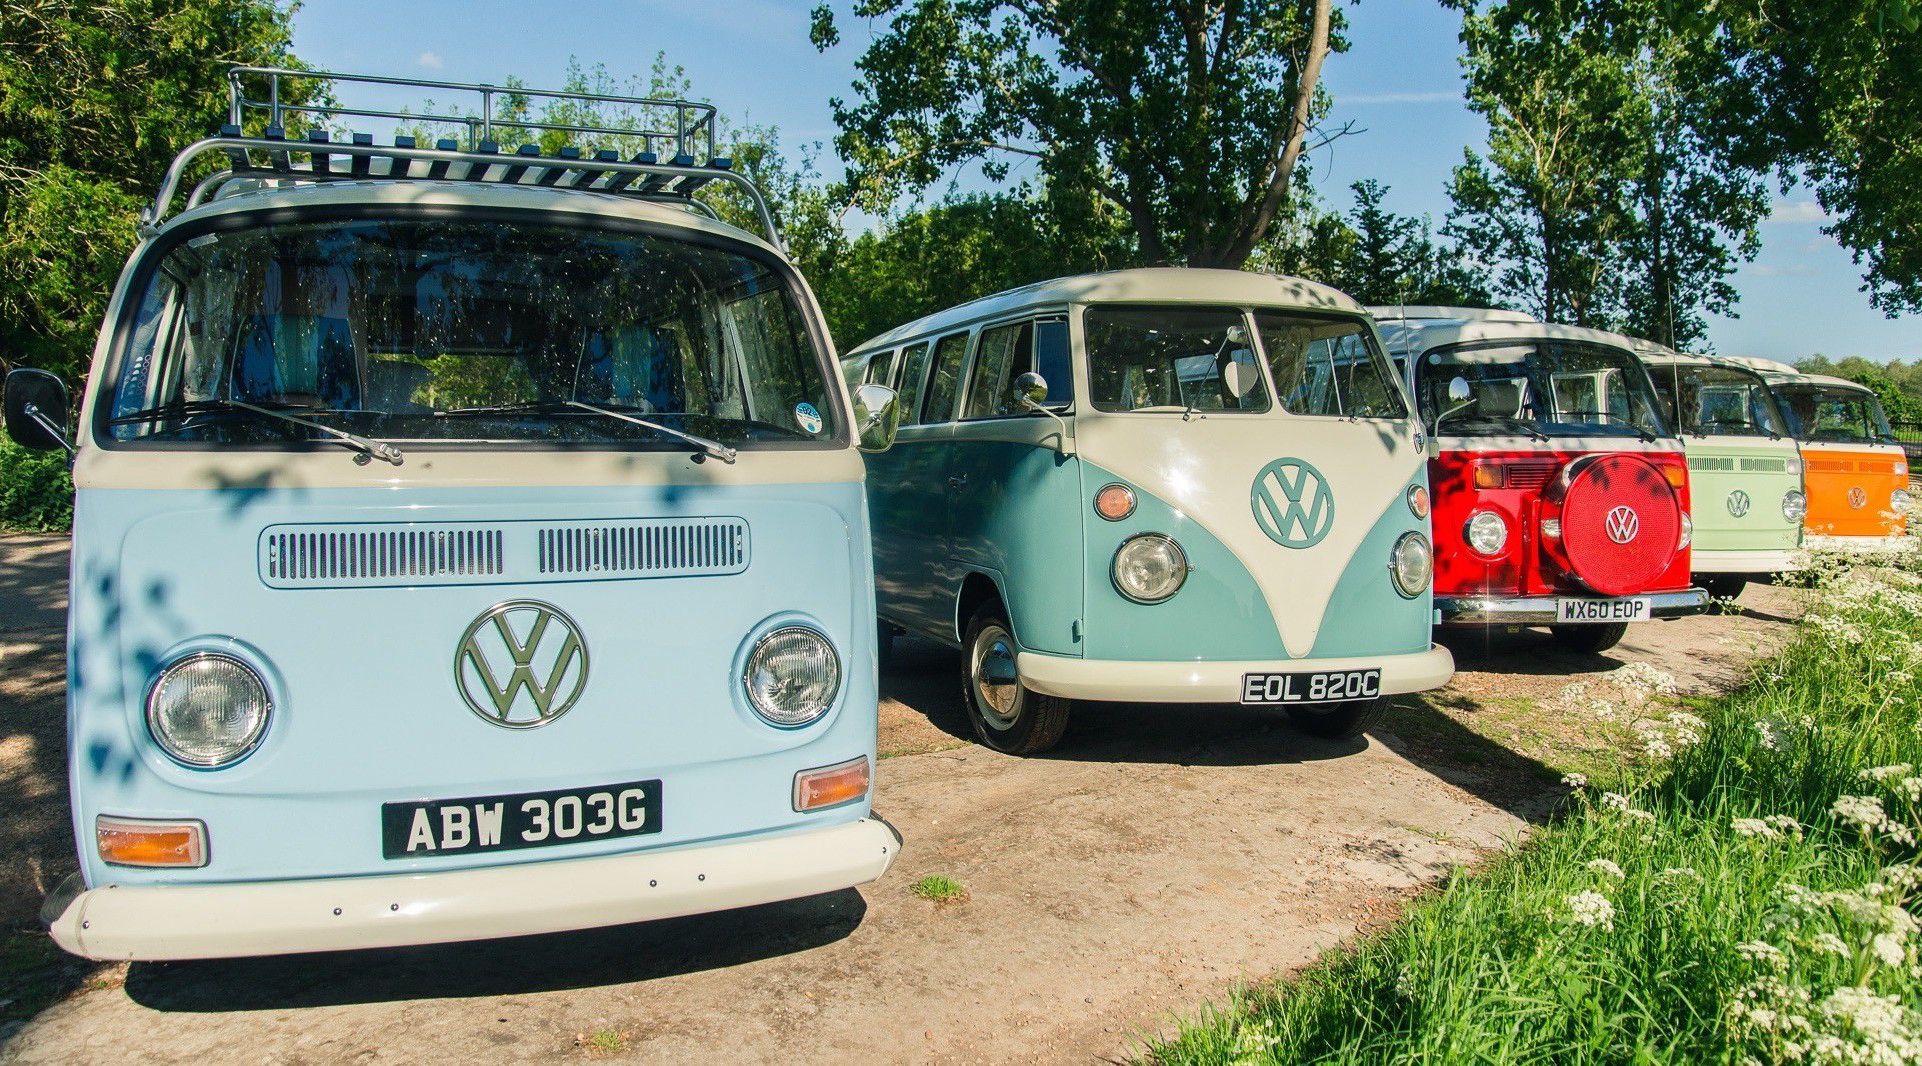 Used Volkswagen Motorhomes UK